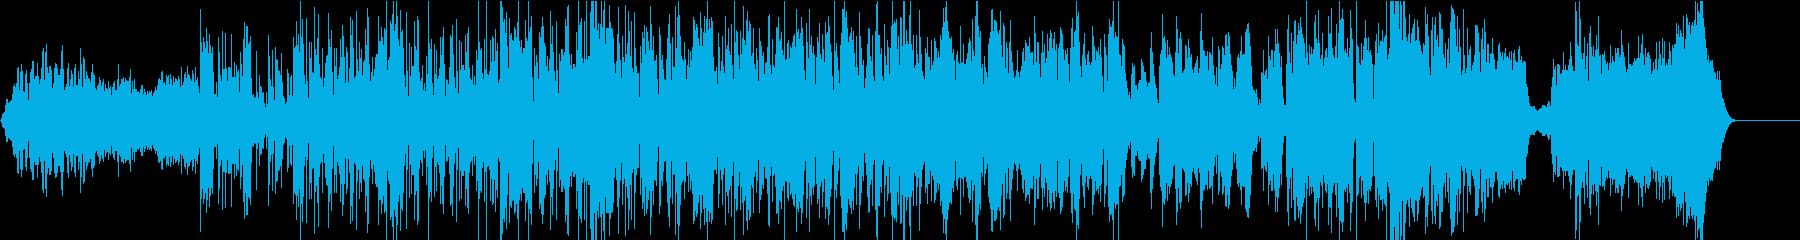 トランペット中心のビートの効いた疾走感の再生済みの波形